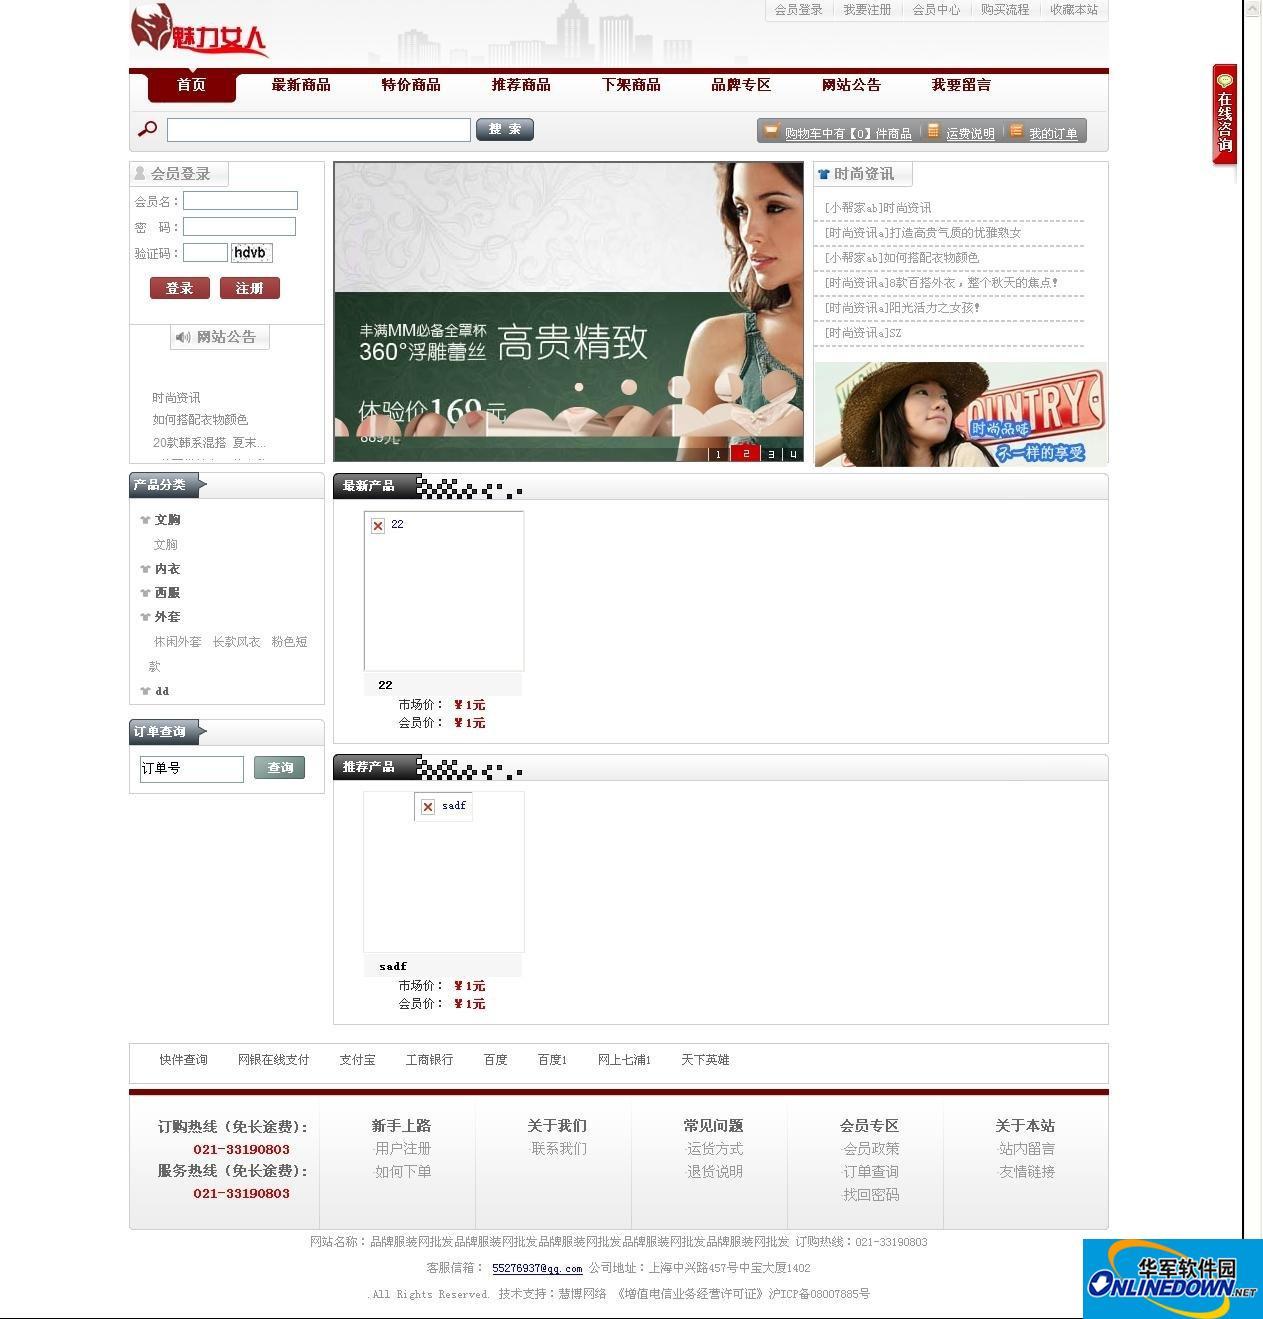 慧博商城系统HuiboShop-net 1.3